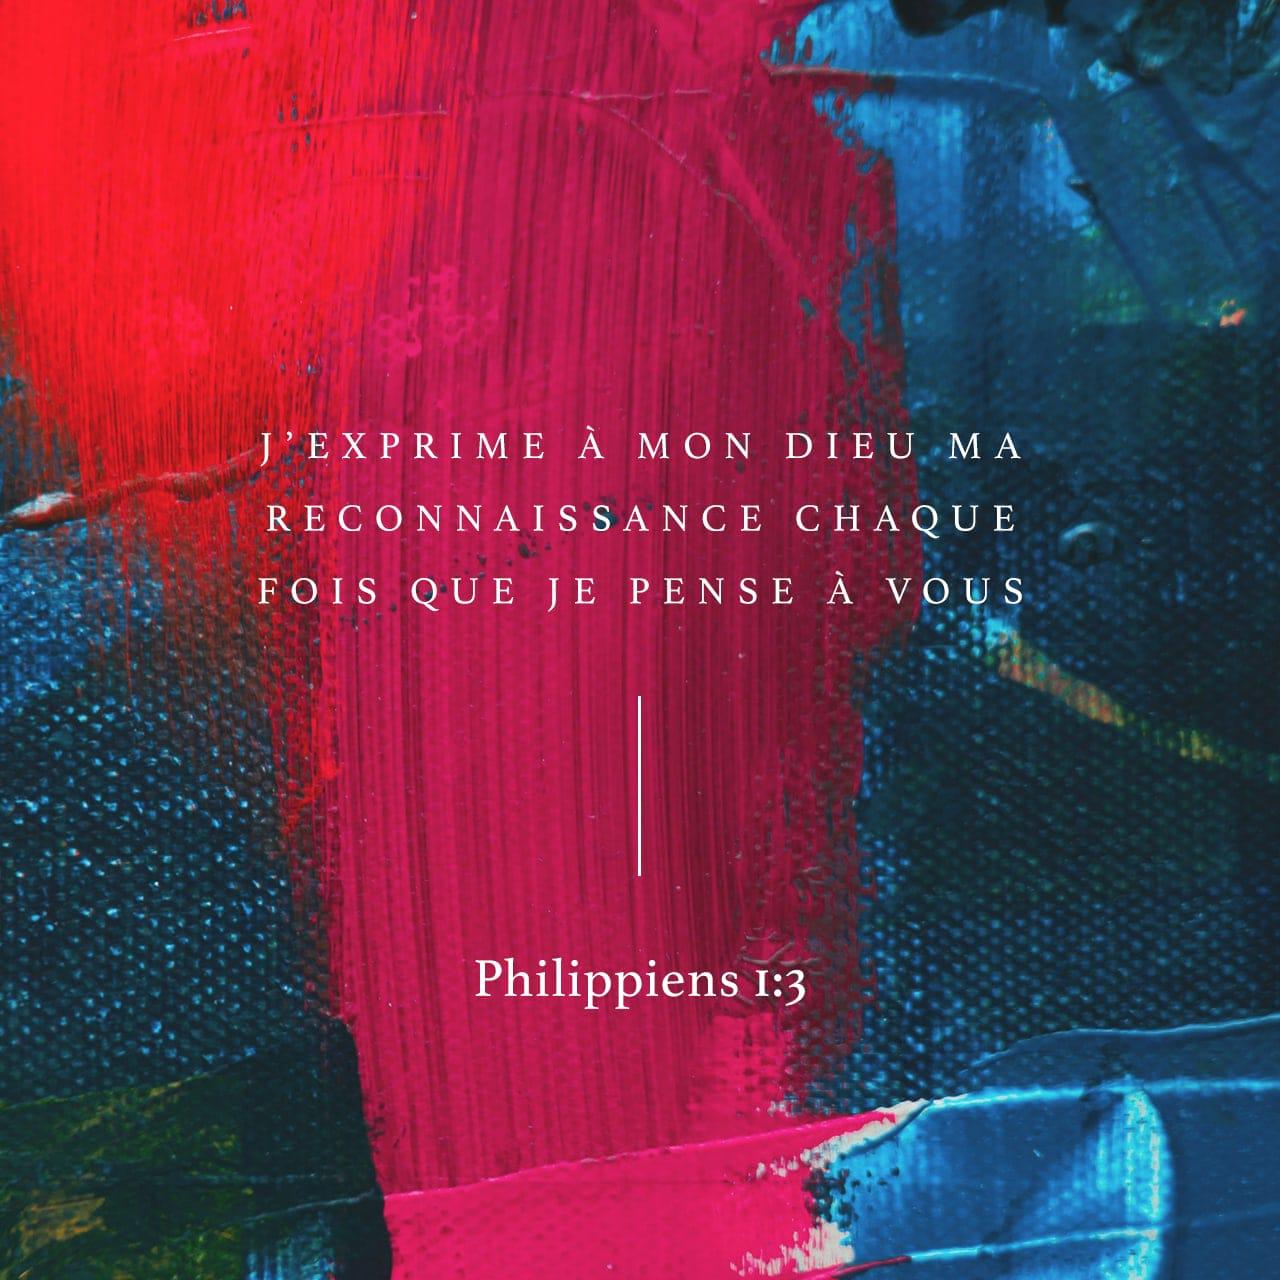 J'exprime à mon Dieu ma reconnaissance chaque fois que je pense à vous - Philippiens 1:3 - Verset illustré